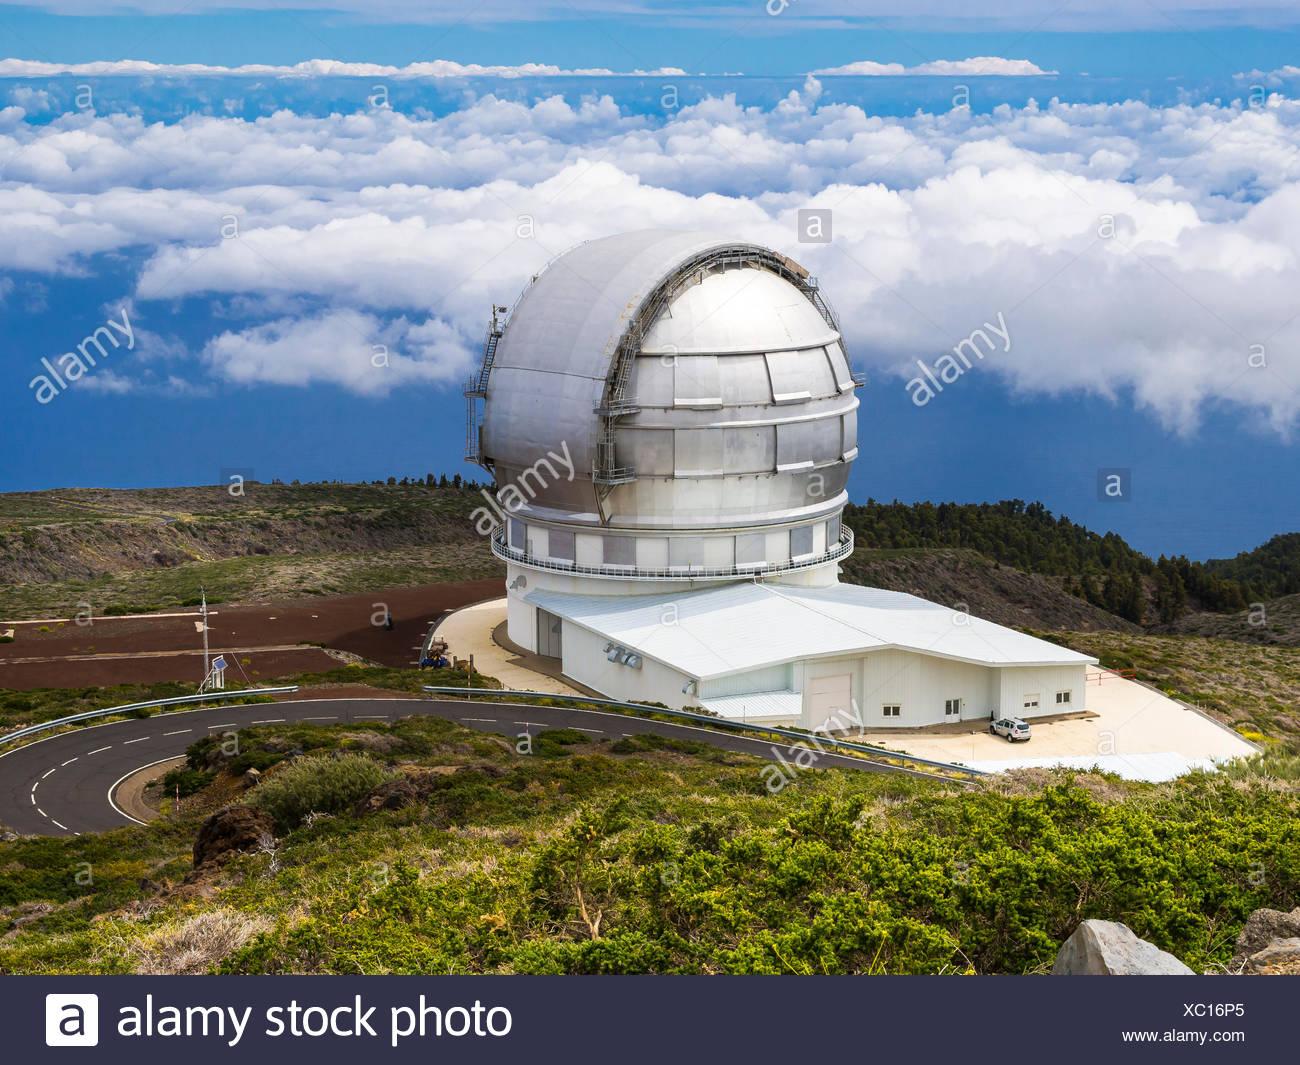 Gran Telescopio Canarias, observatory on Roque de los Muchachos above the clouds, Parque Nacional de la Caldera de Taburiente - Stock Image